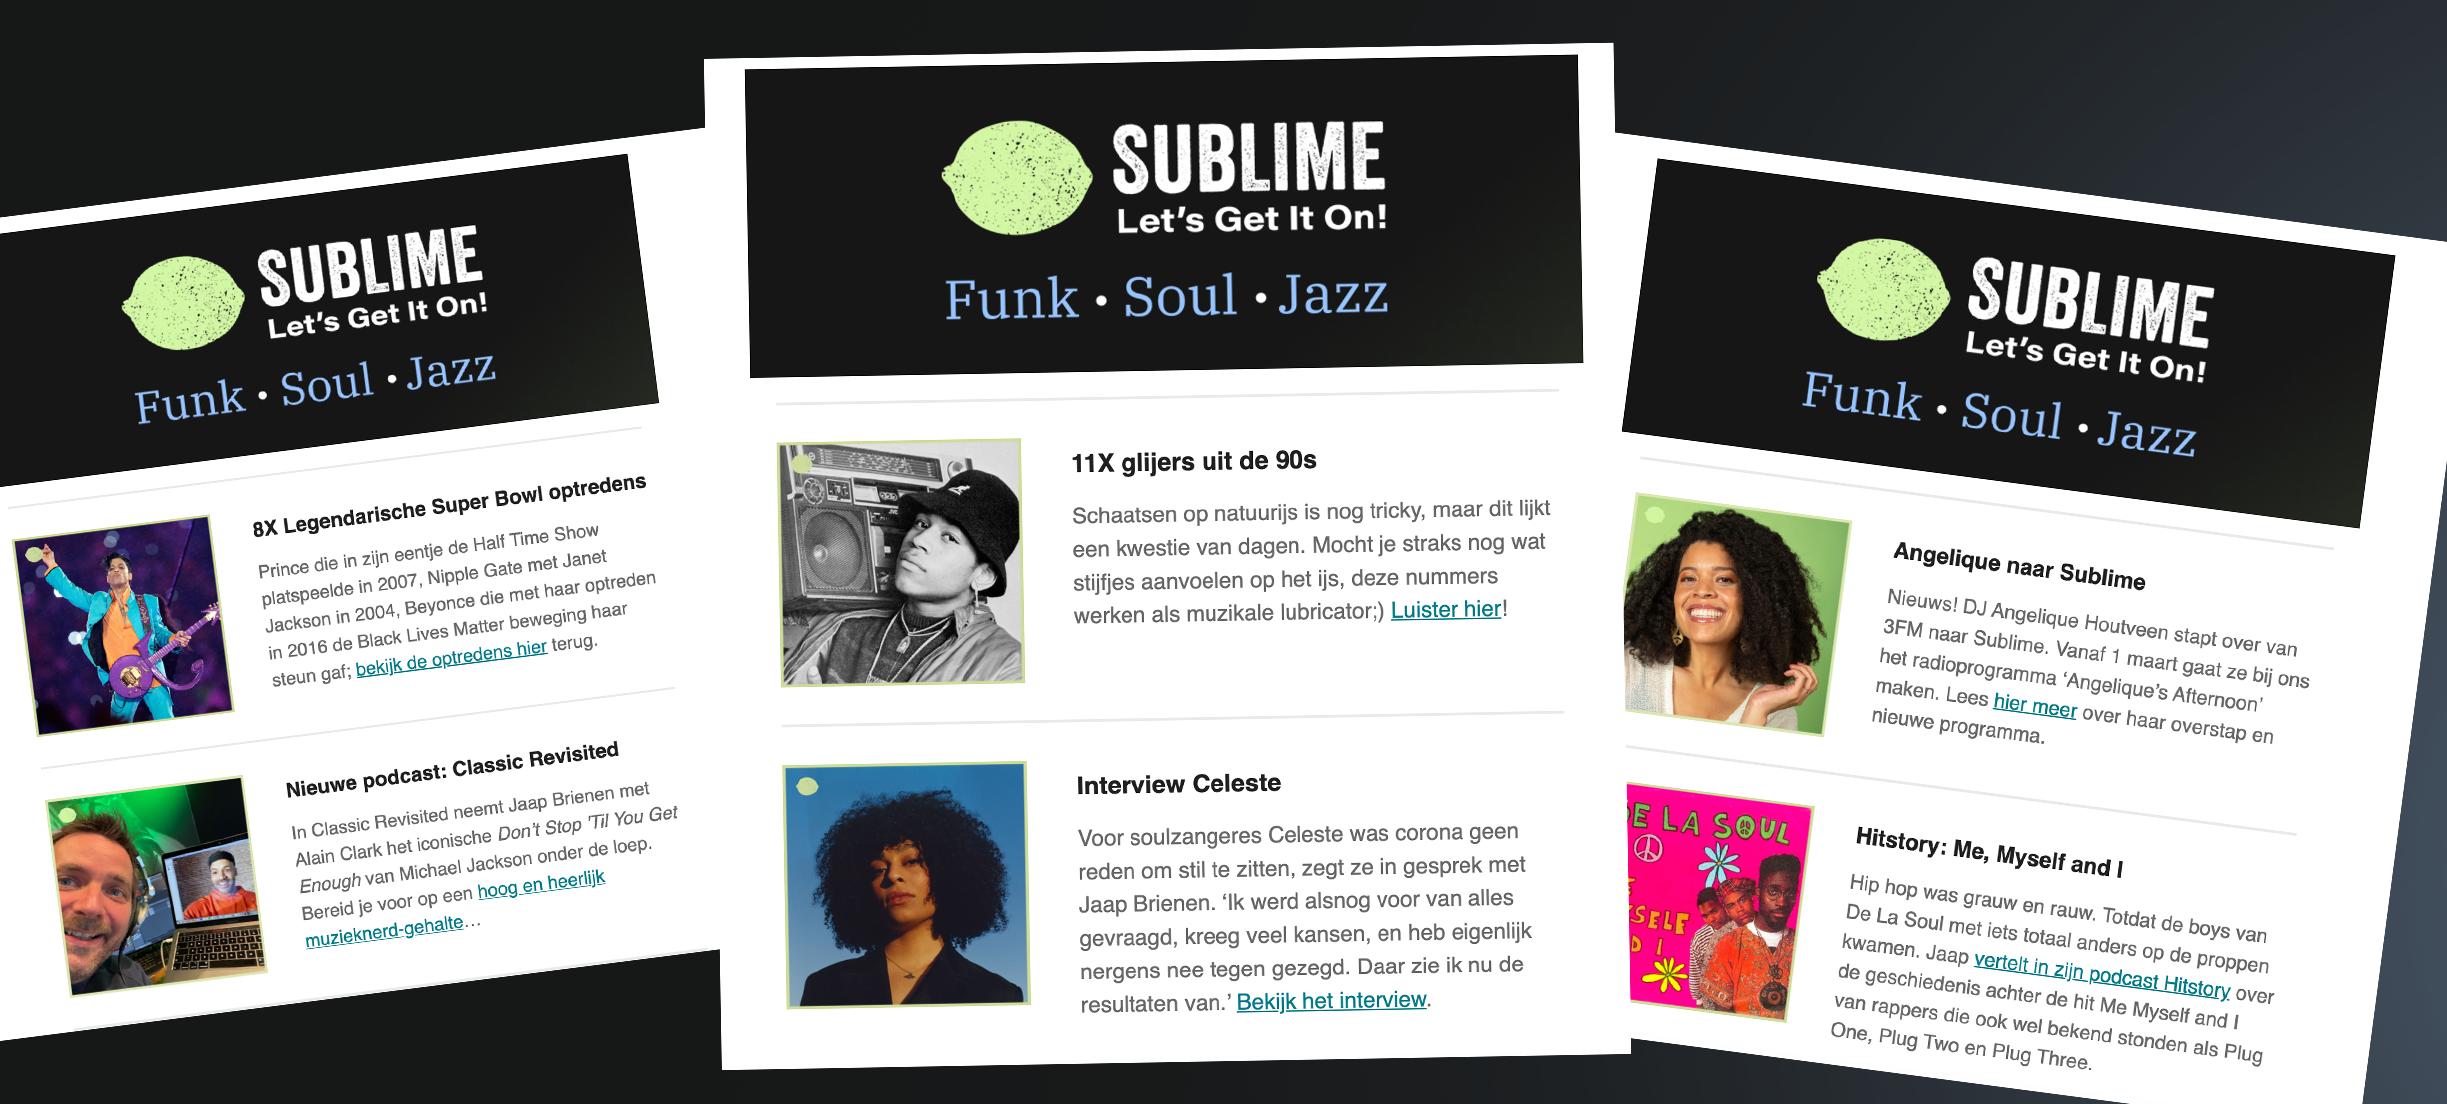 Schrijf je in voor de Sublime Nieuwsbrief en ontvang het laatste muzieknieuws